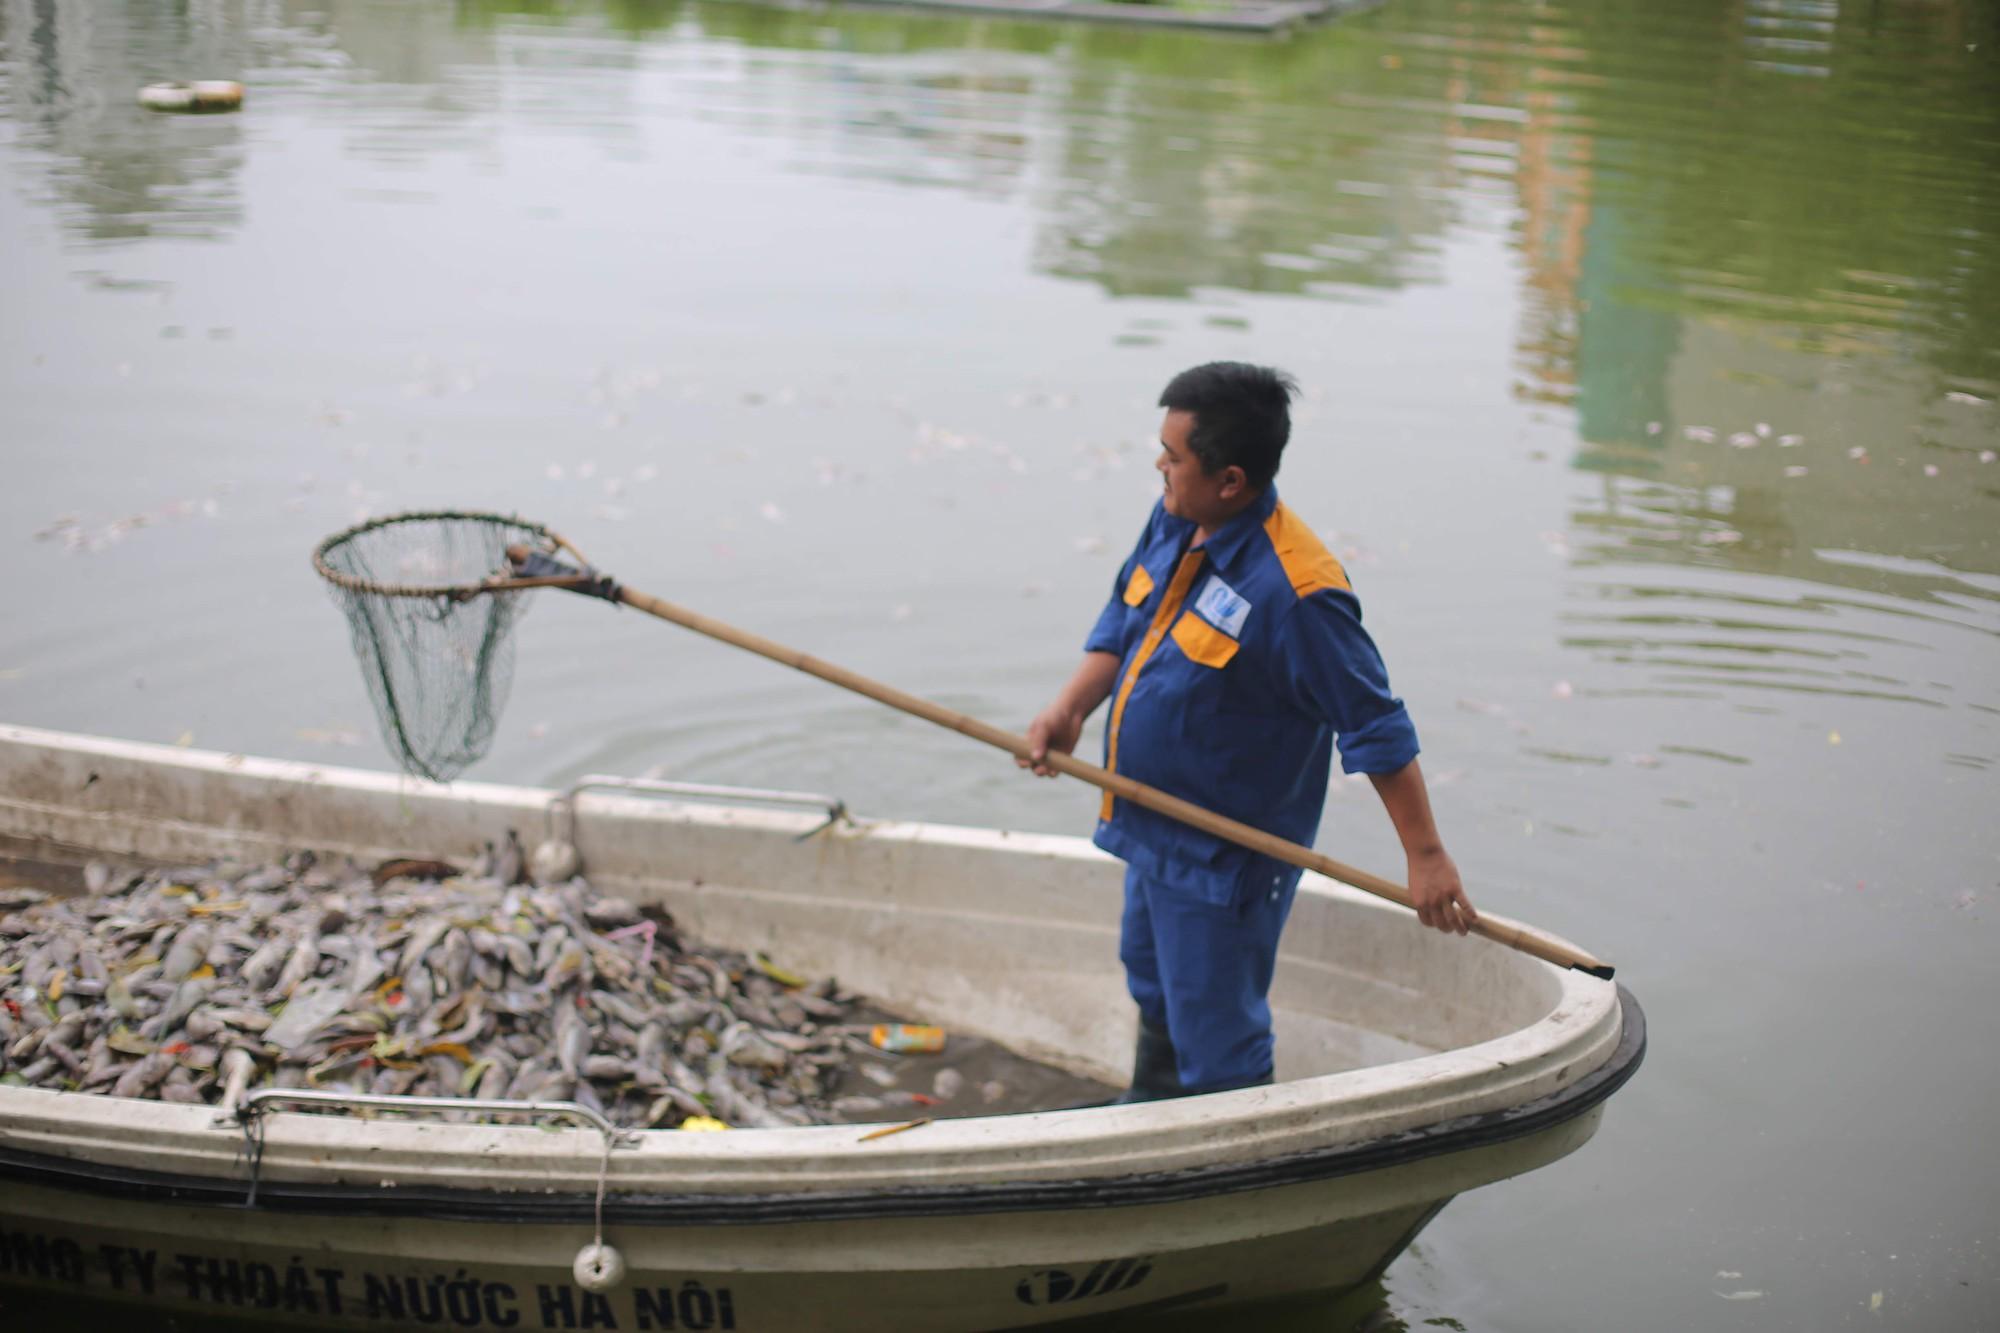 Hà Nội: Cá chết ở hồ Văn Chương khiến cư dân quanh hồ không dám thở - Ảnh 7.